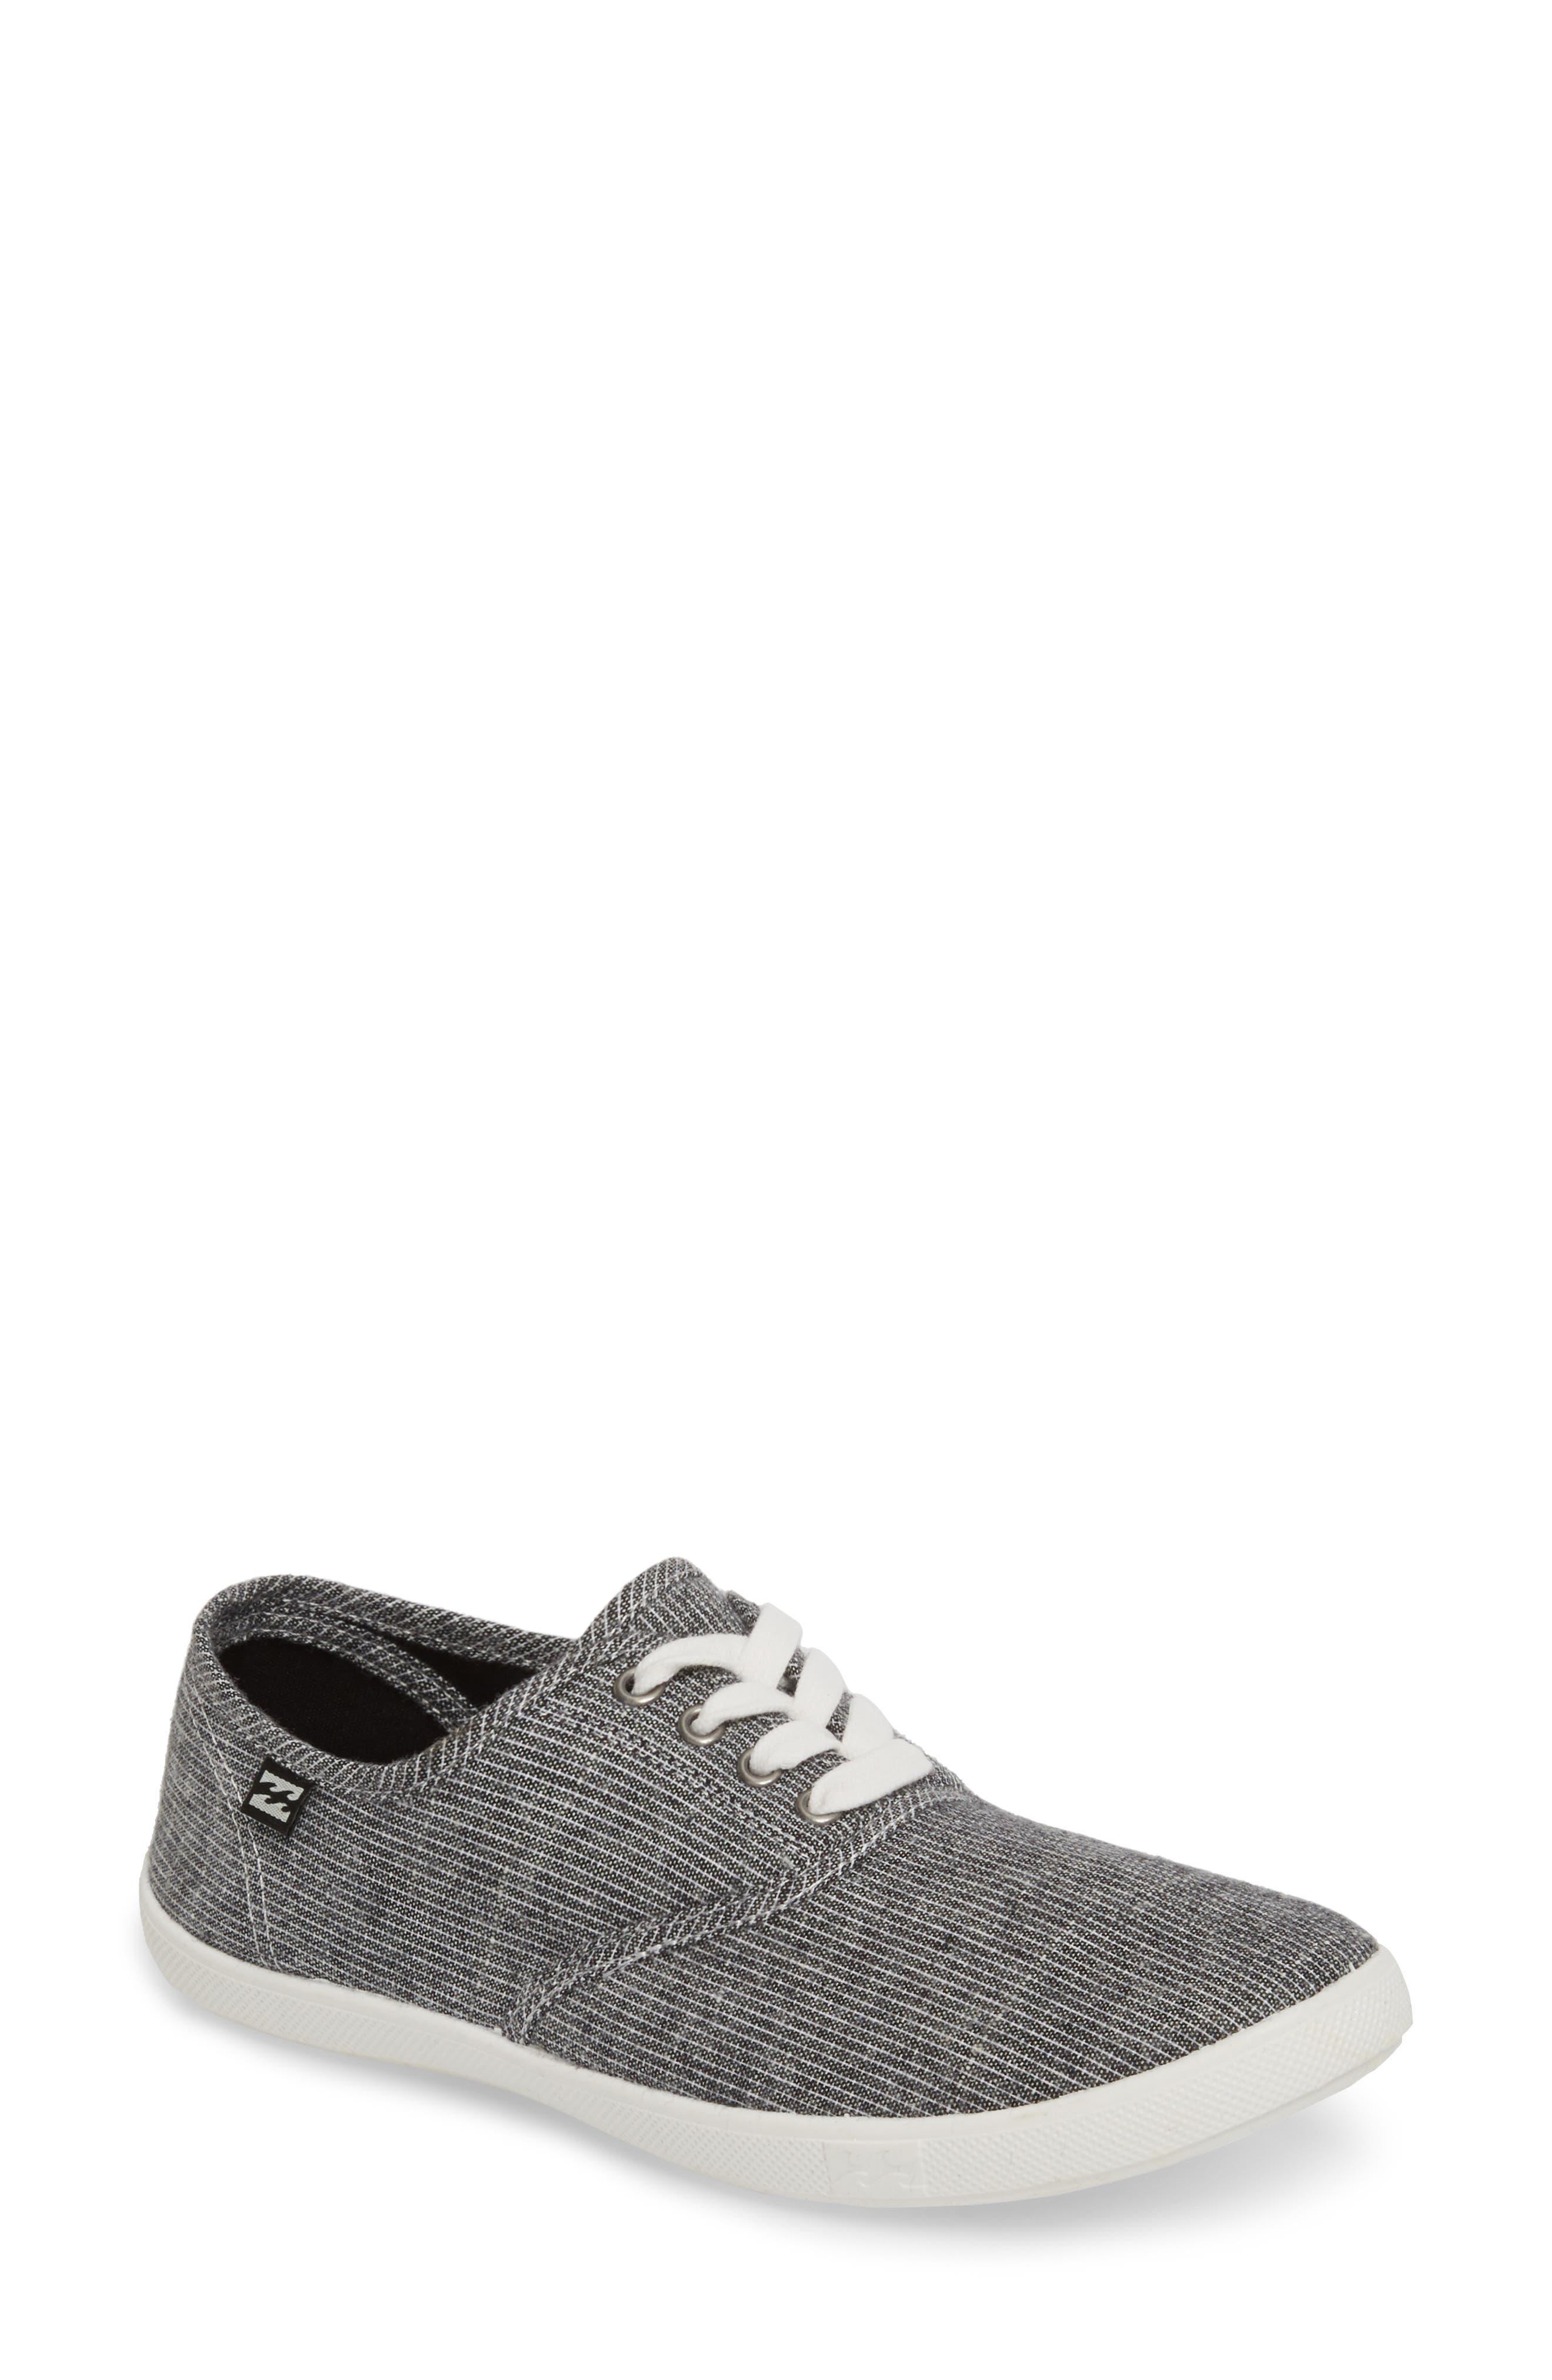 Addy Sneaker,                         Main,                         color, Black/ White